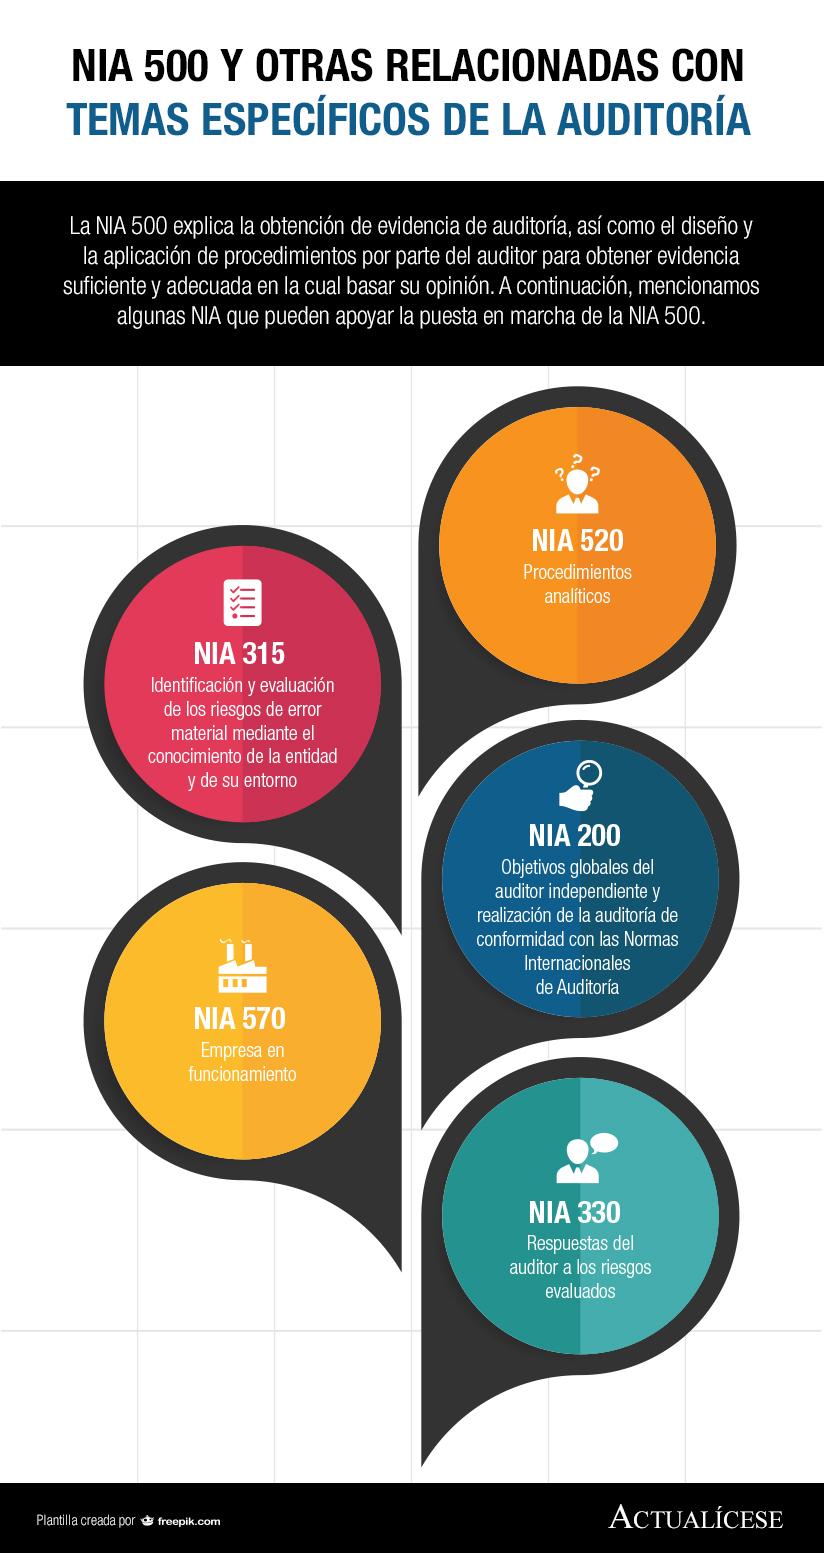 [Infografía] NIA 500 y otras relacionadas con temas específicos de la auditoría